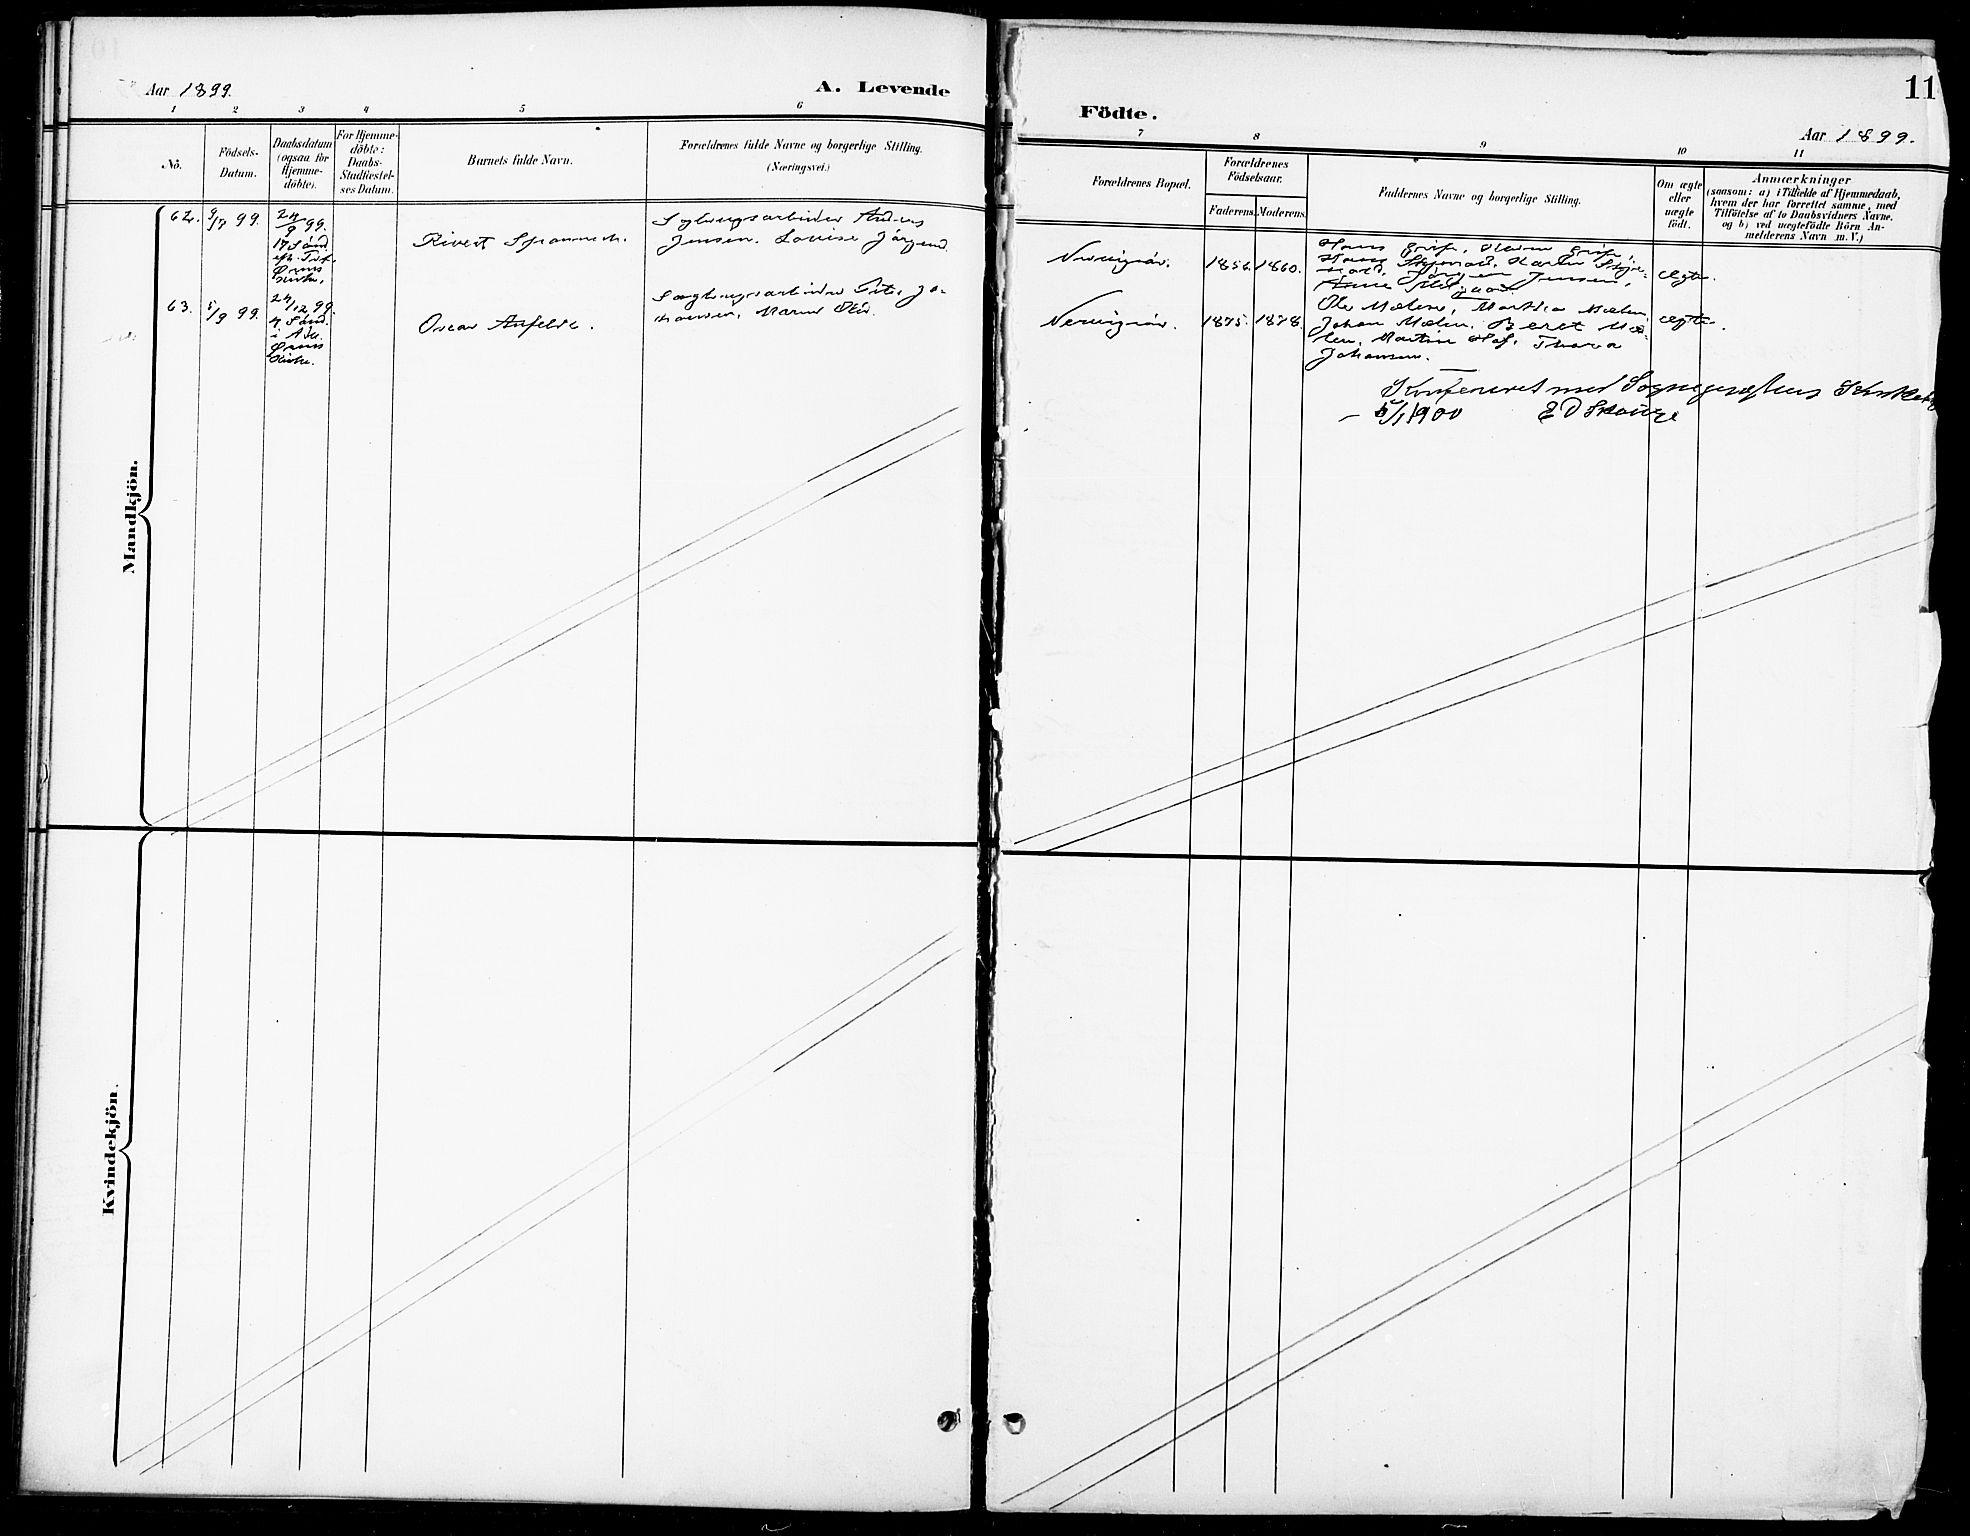 SAT, Ministerialprotokoller, klokkerbøker og fødselsregistre - Sør-Trøndelag, 668/L0819: Klokkerbok nr. 668C08, 1899-1912, s. 11